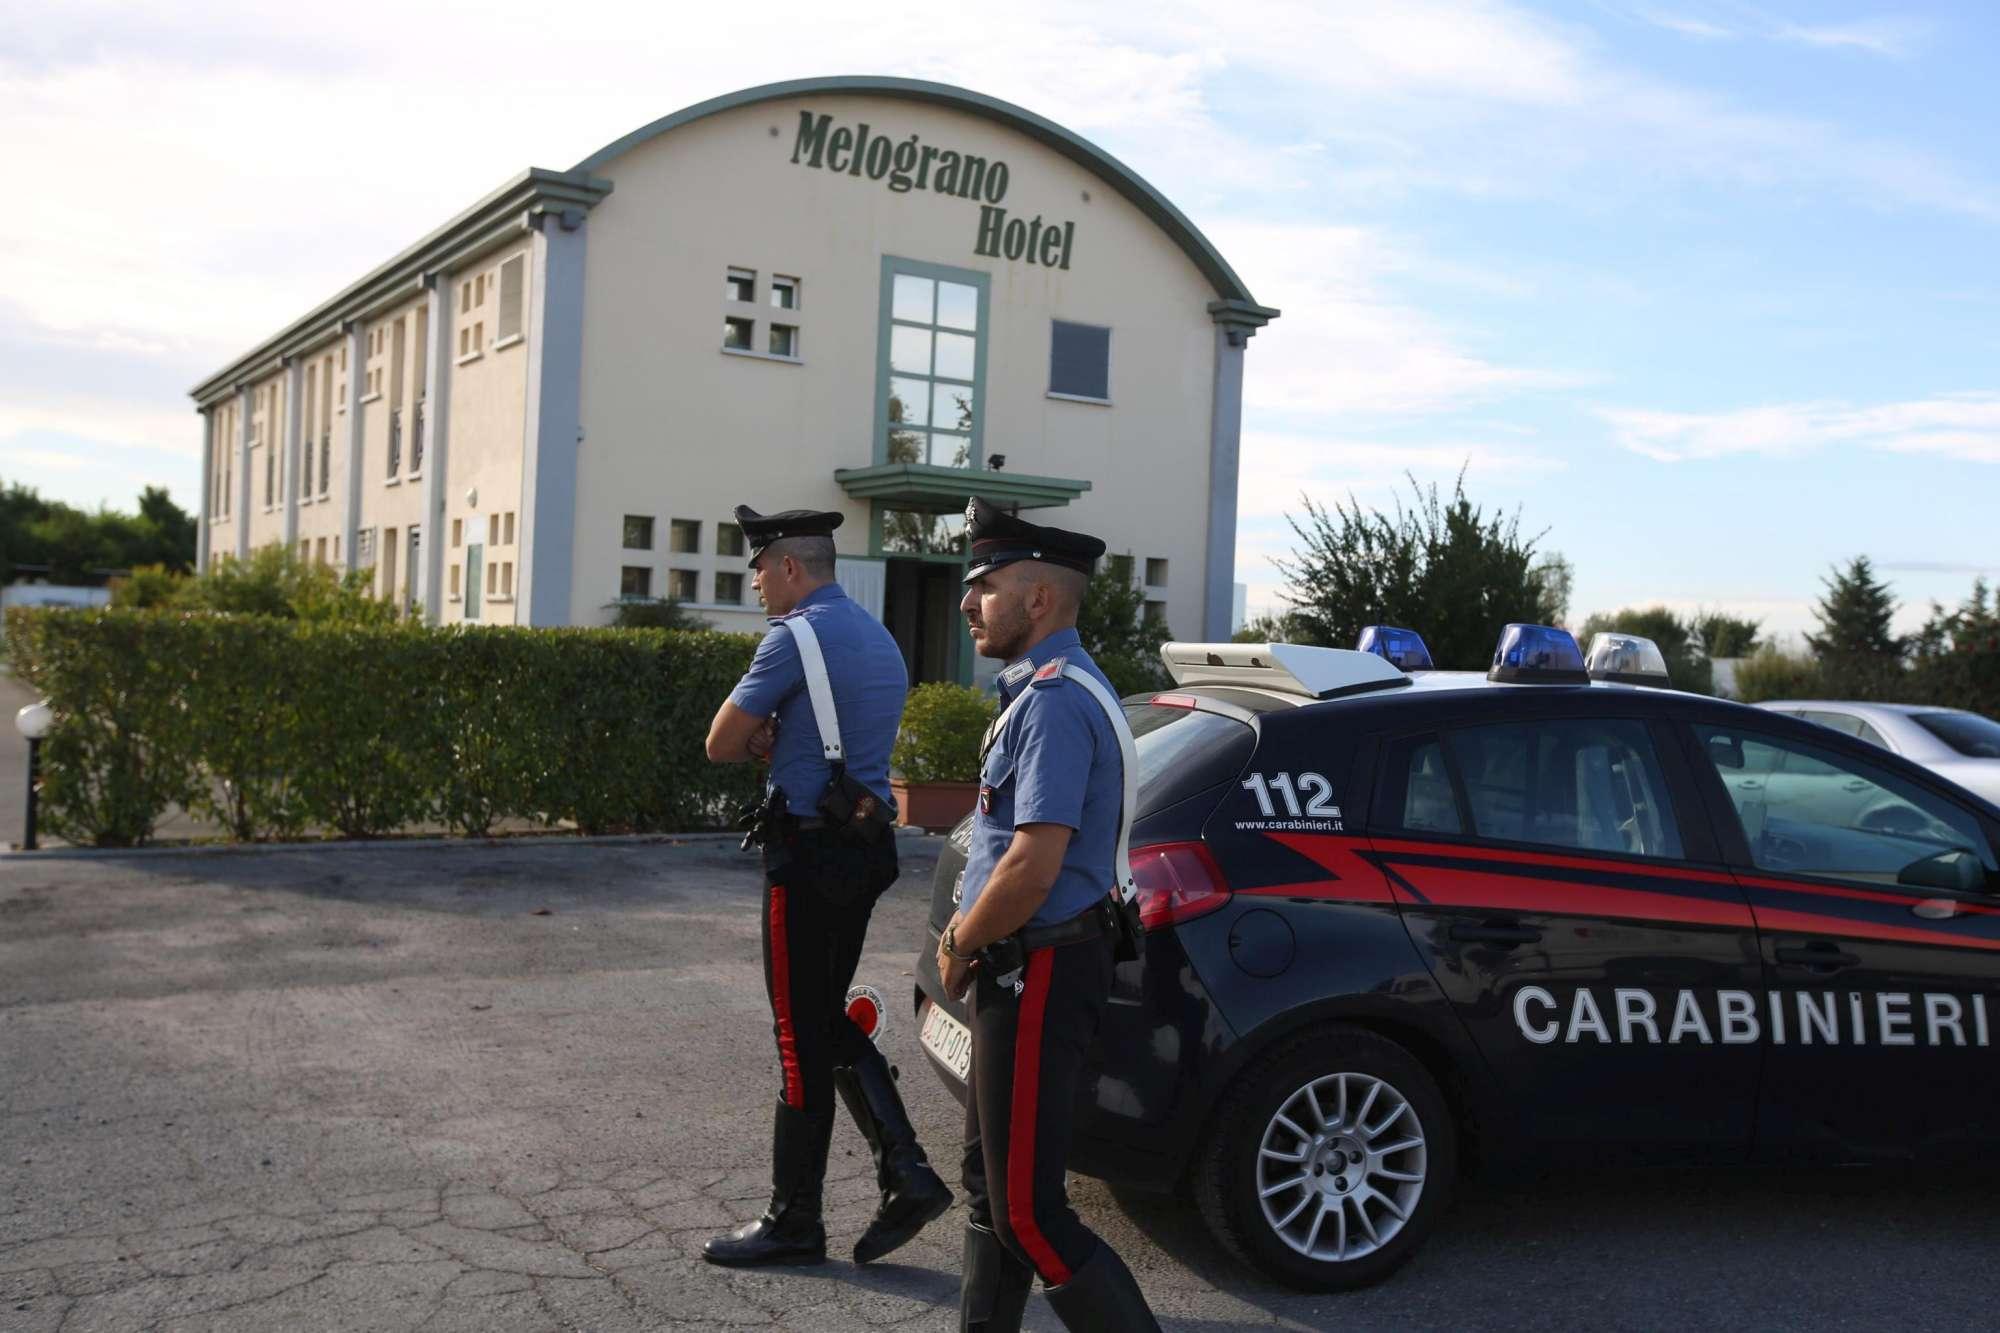 Escort trovata morta in hotel nel Bolognese: ricercato il suo cliente